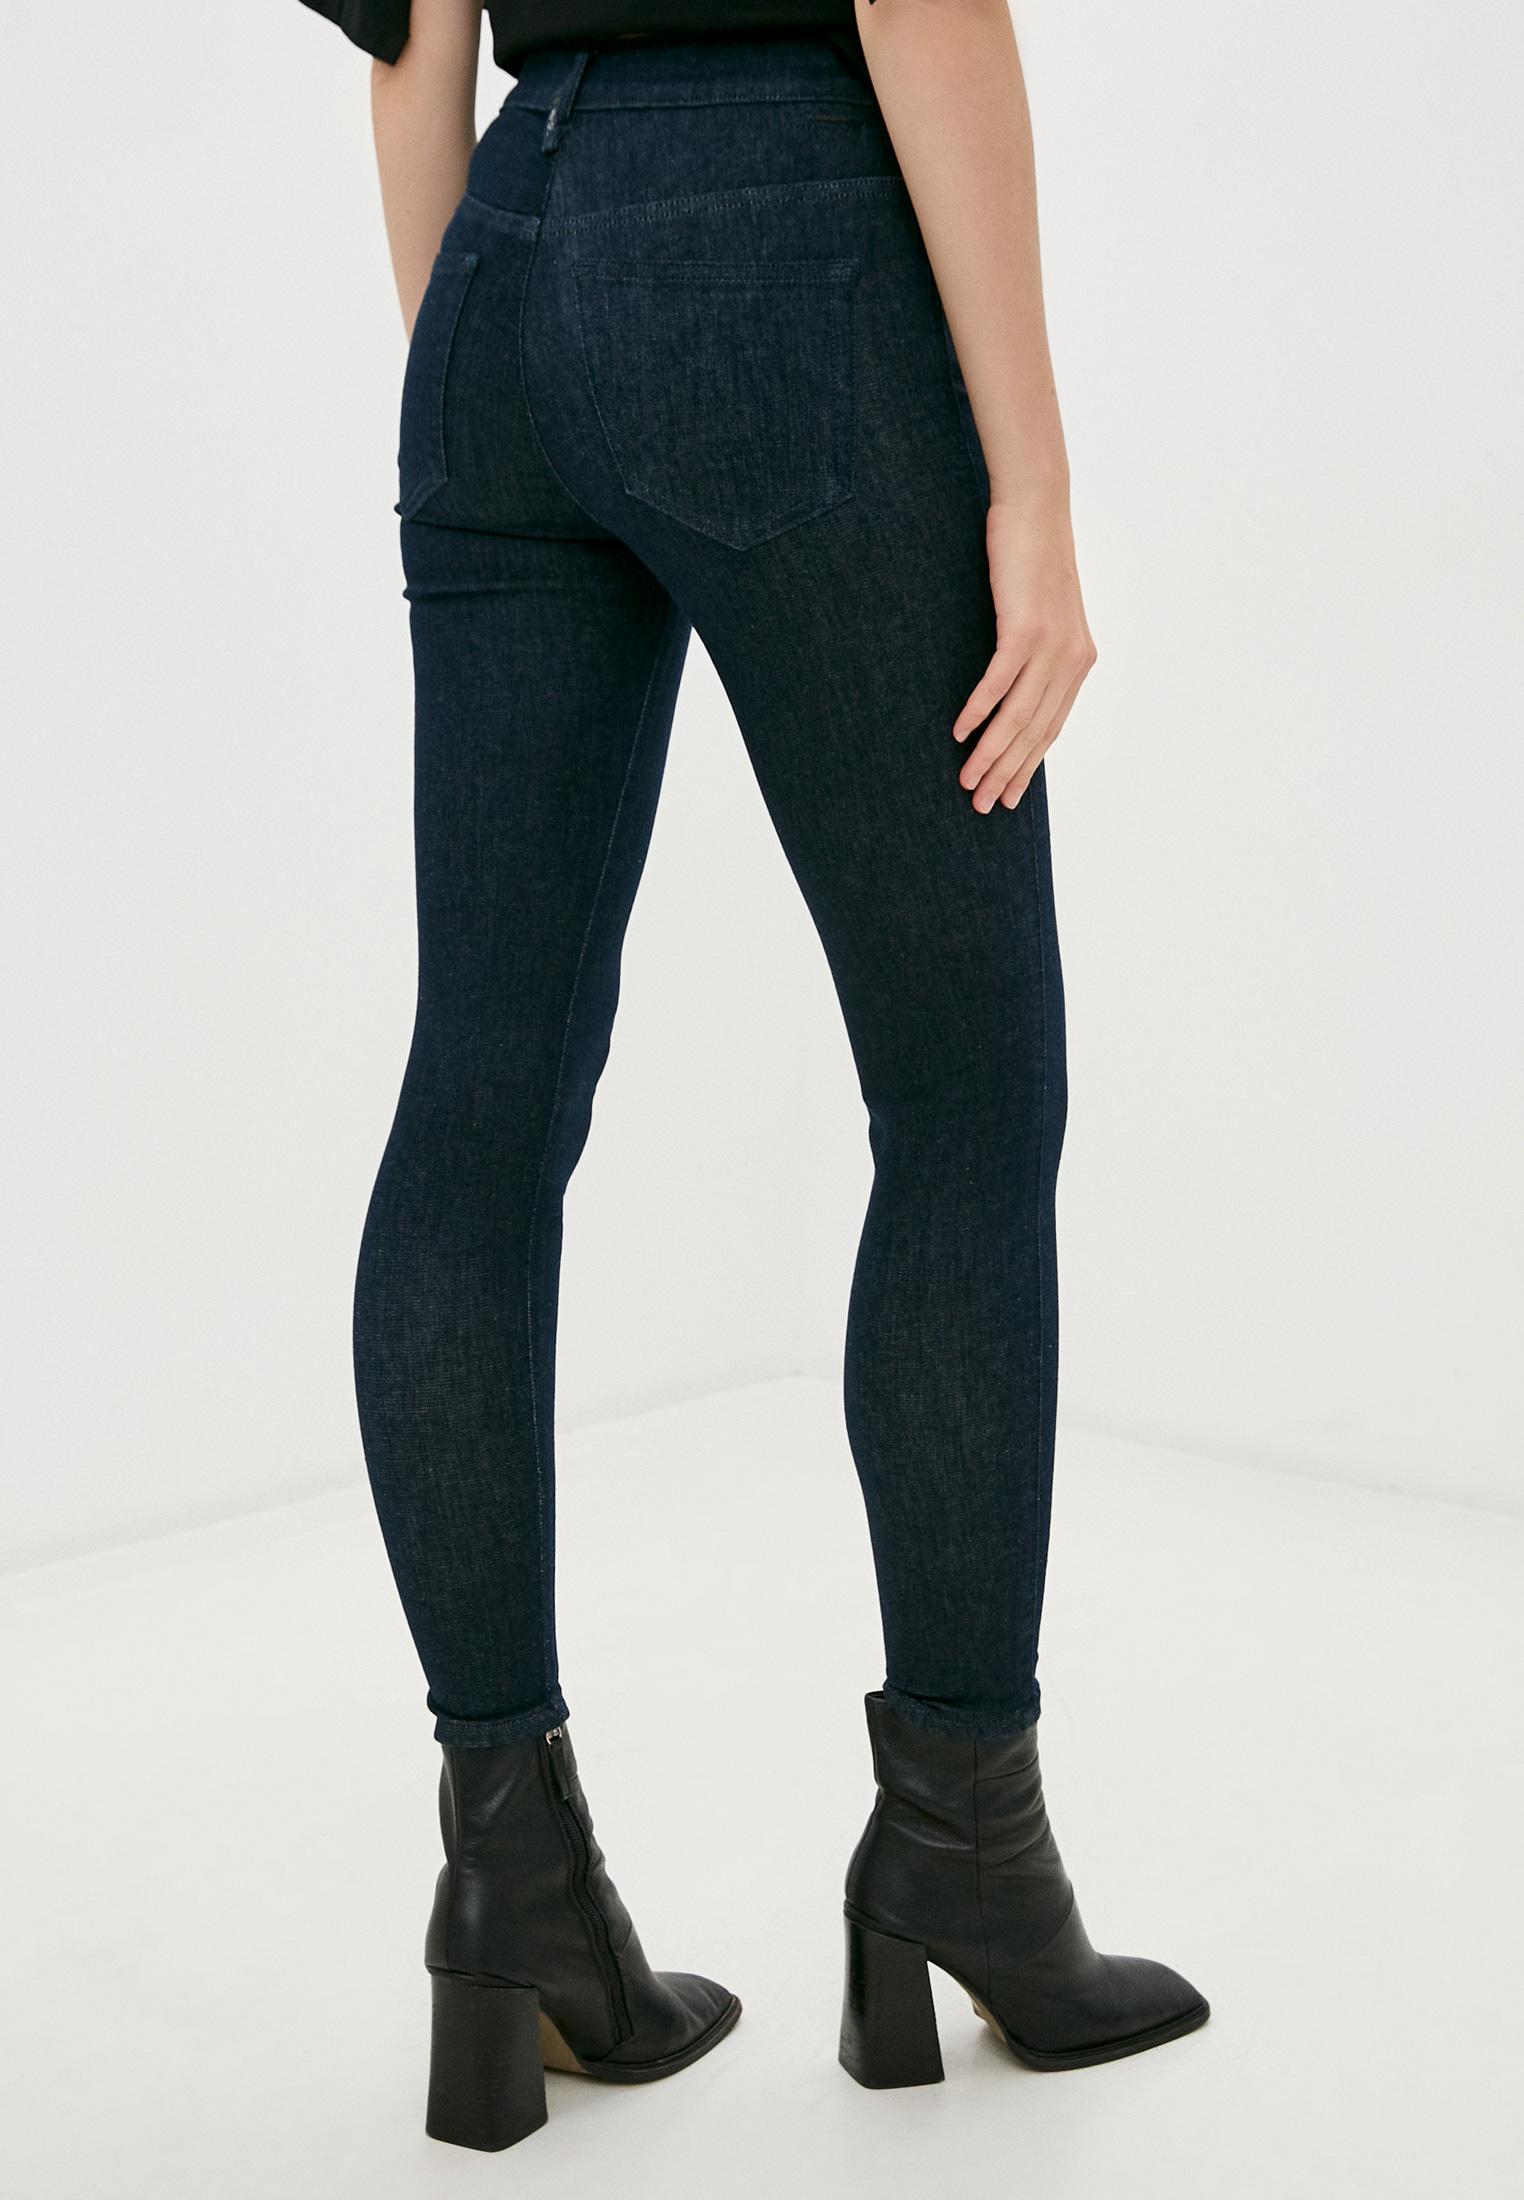 Зауженные джинсы Diesel (Дизель) 00SMLX089AB: изображение 3